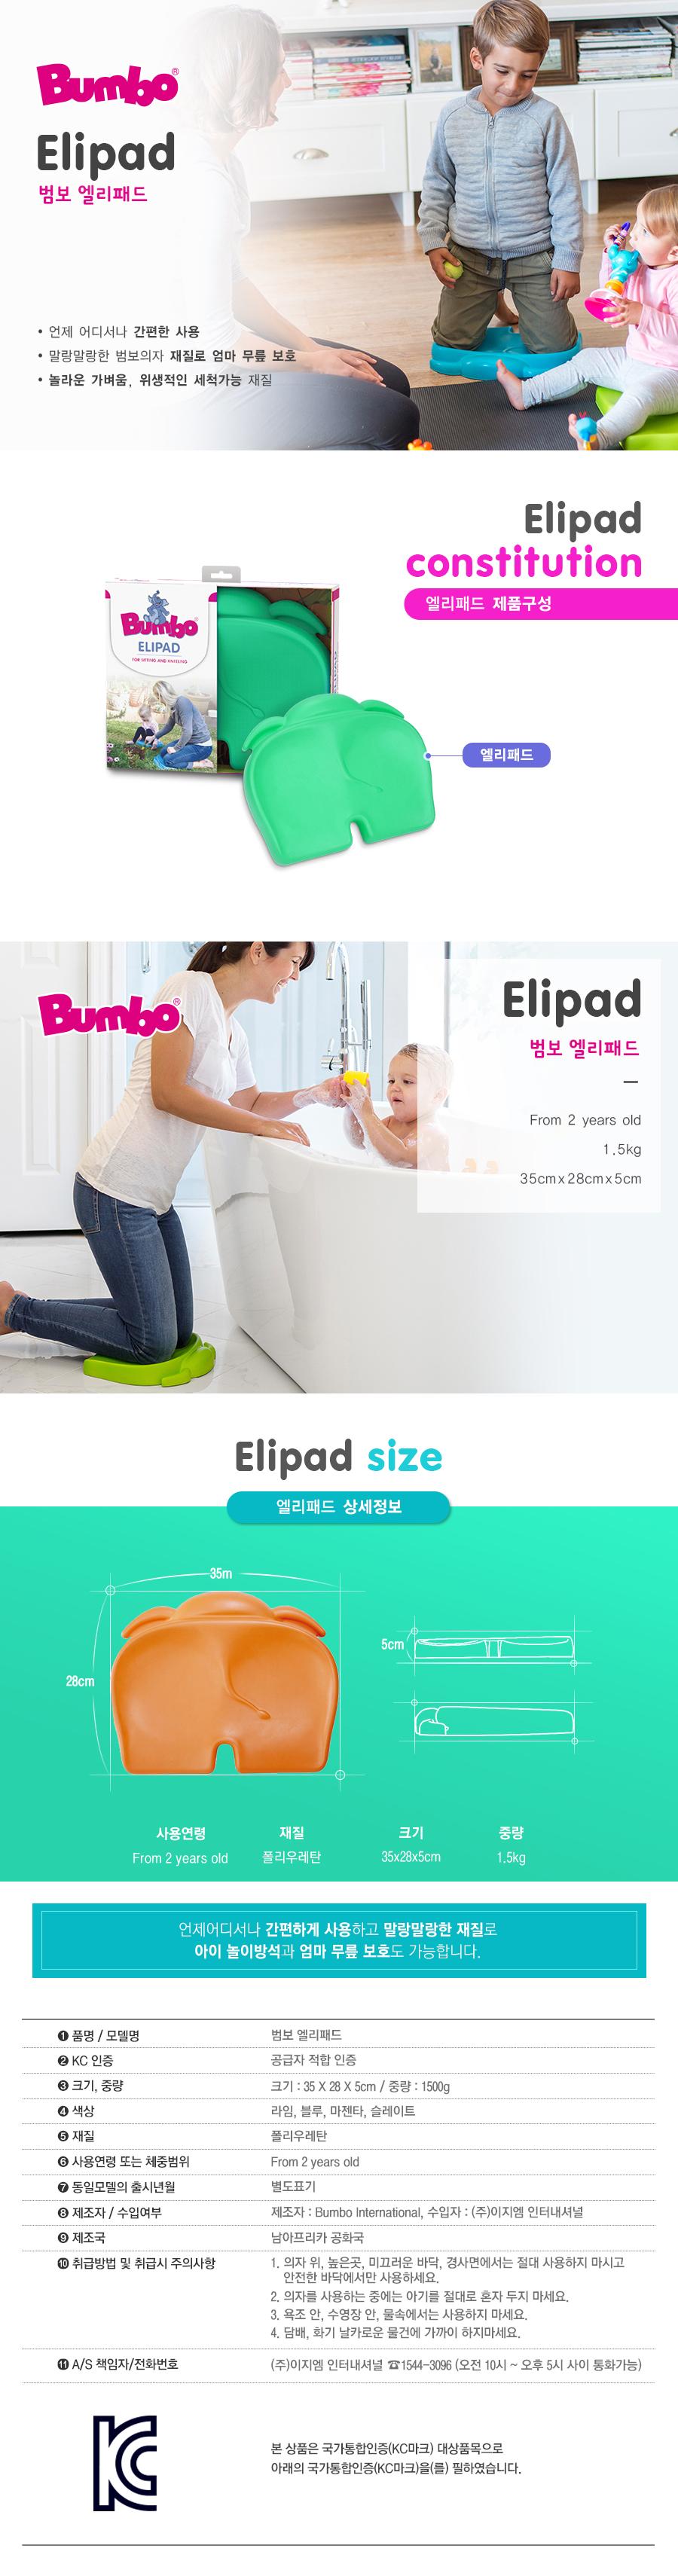 BUMBO 범보 엘리패드 슬레이트 - 범보, 22,900원, 가구, 의자